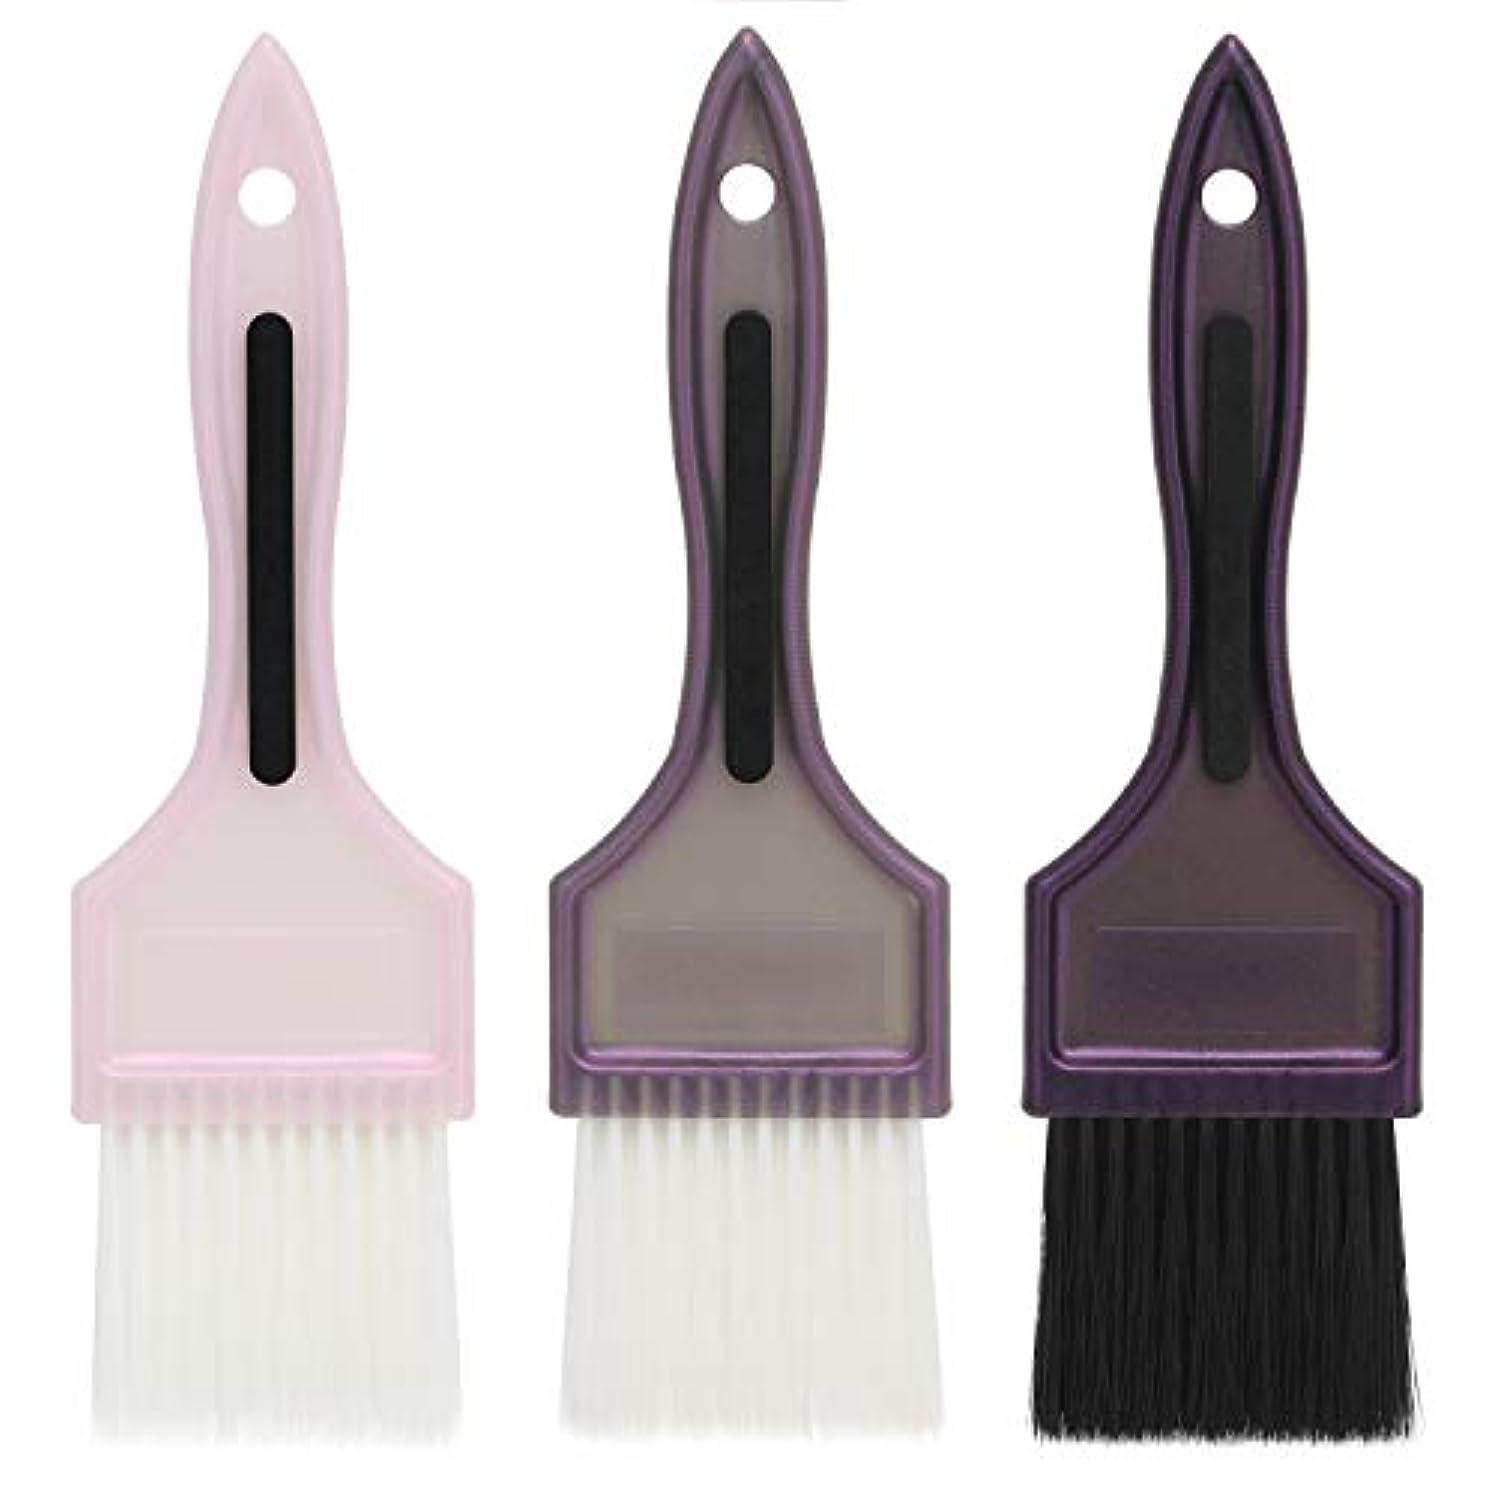 弁護人適度に適用済みSegbeauty 髪染め用 ヘアダイブラシ 3本セット カラーブラシ